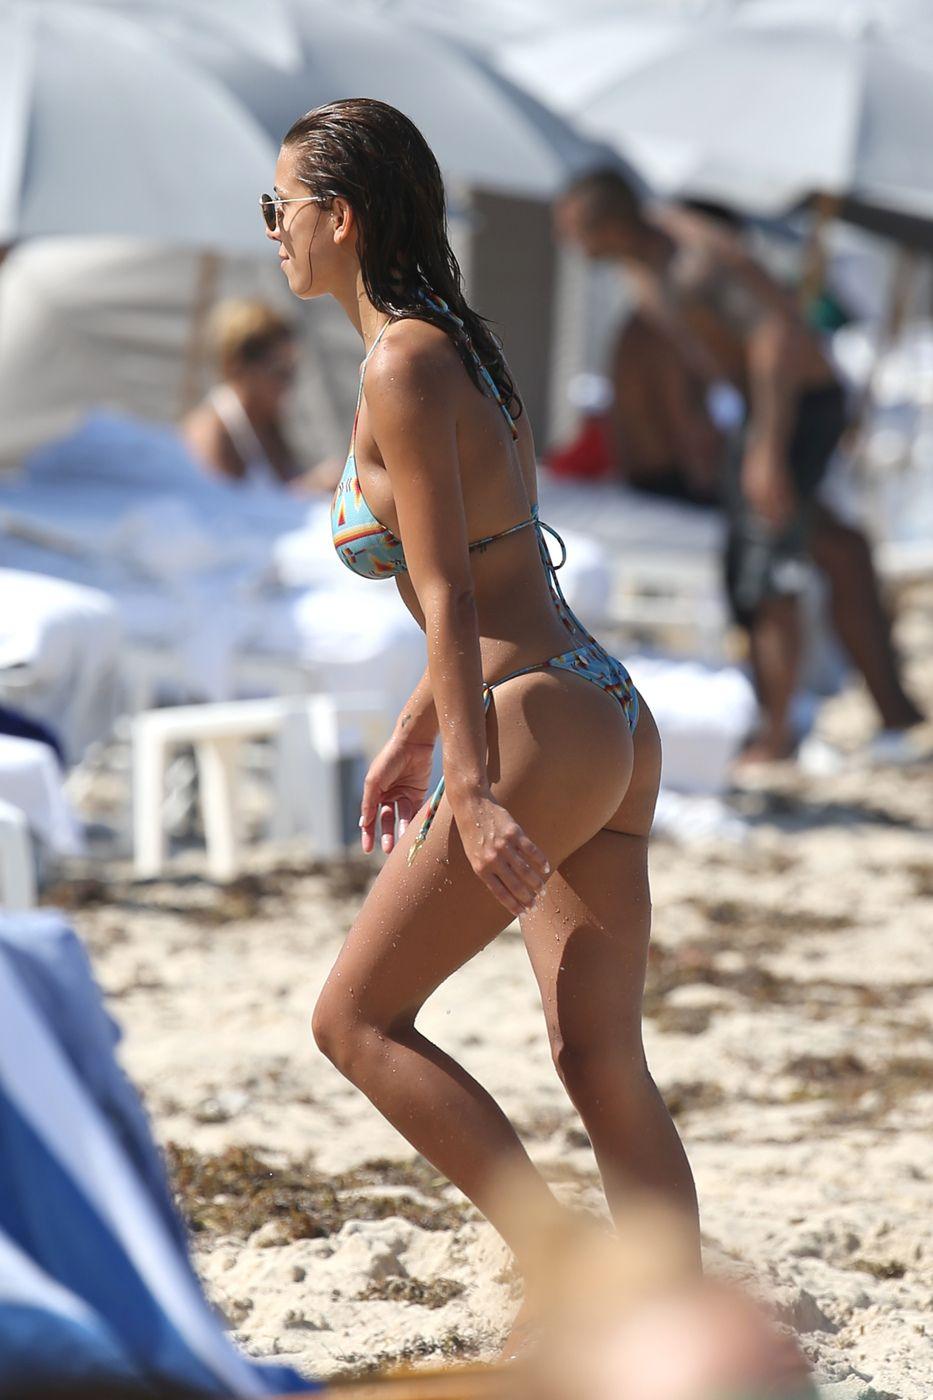 Devin-Brugman-in-a-Bikini-4